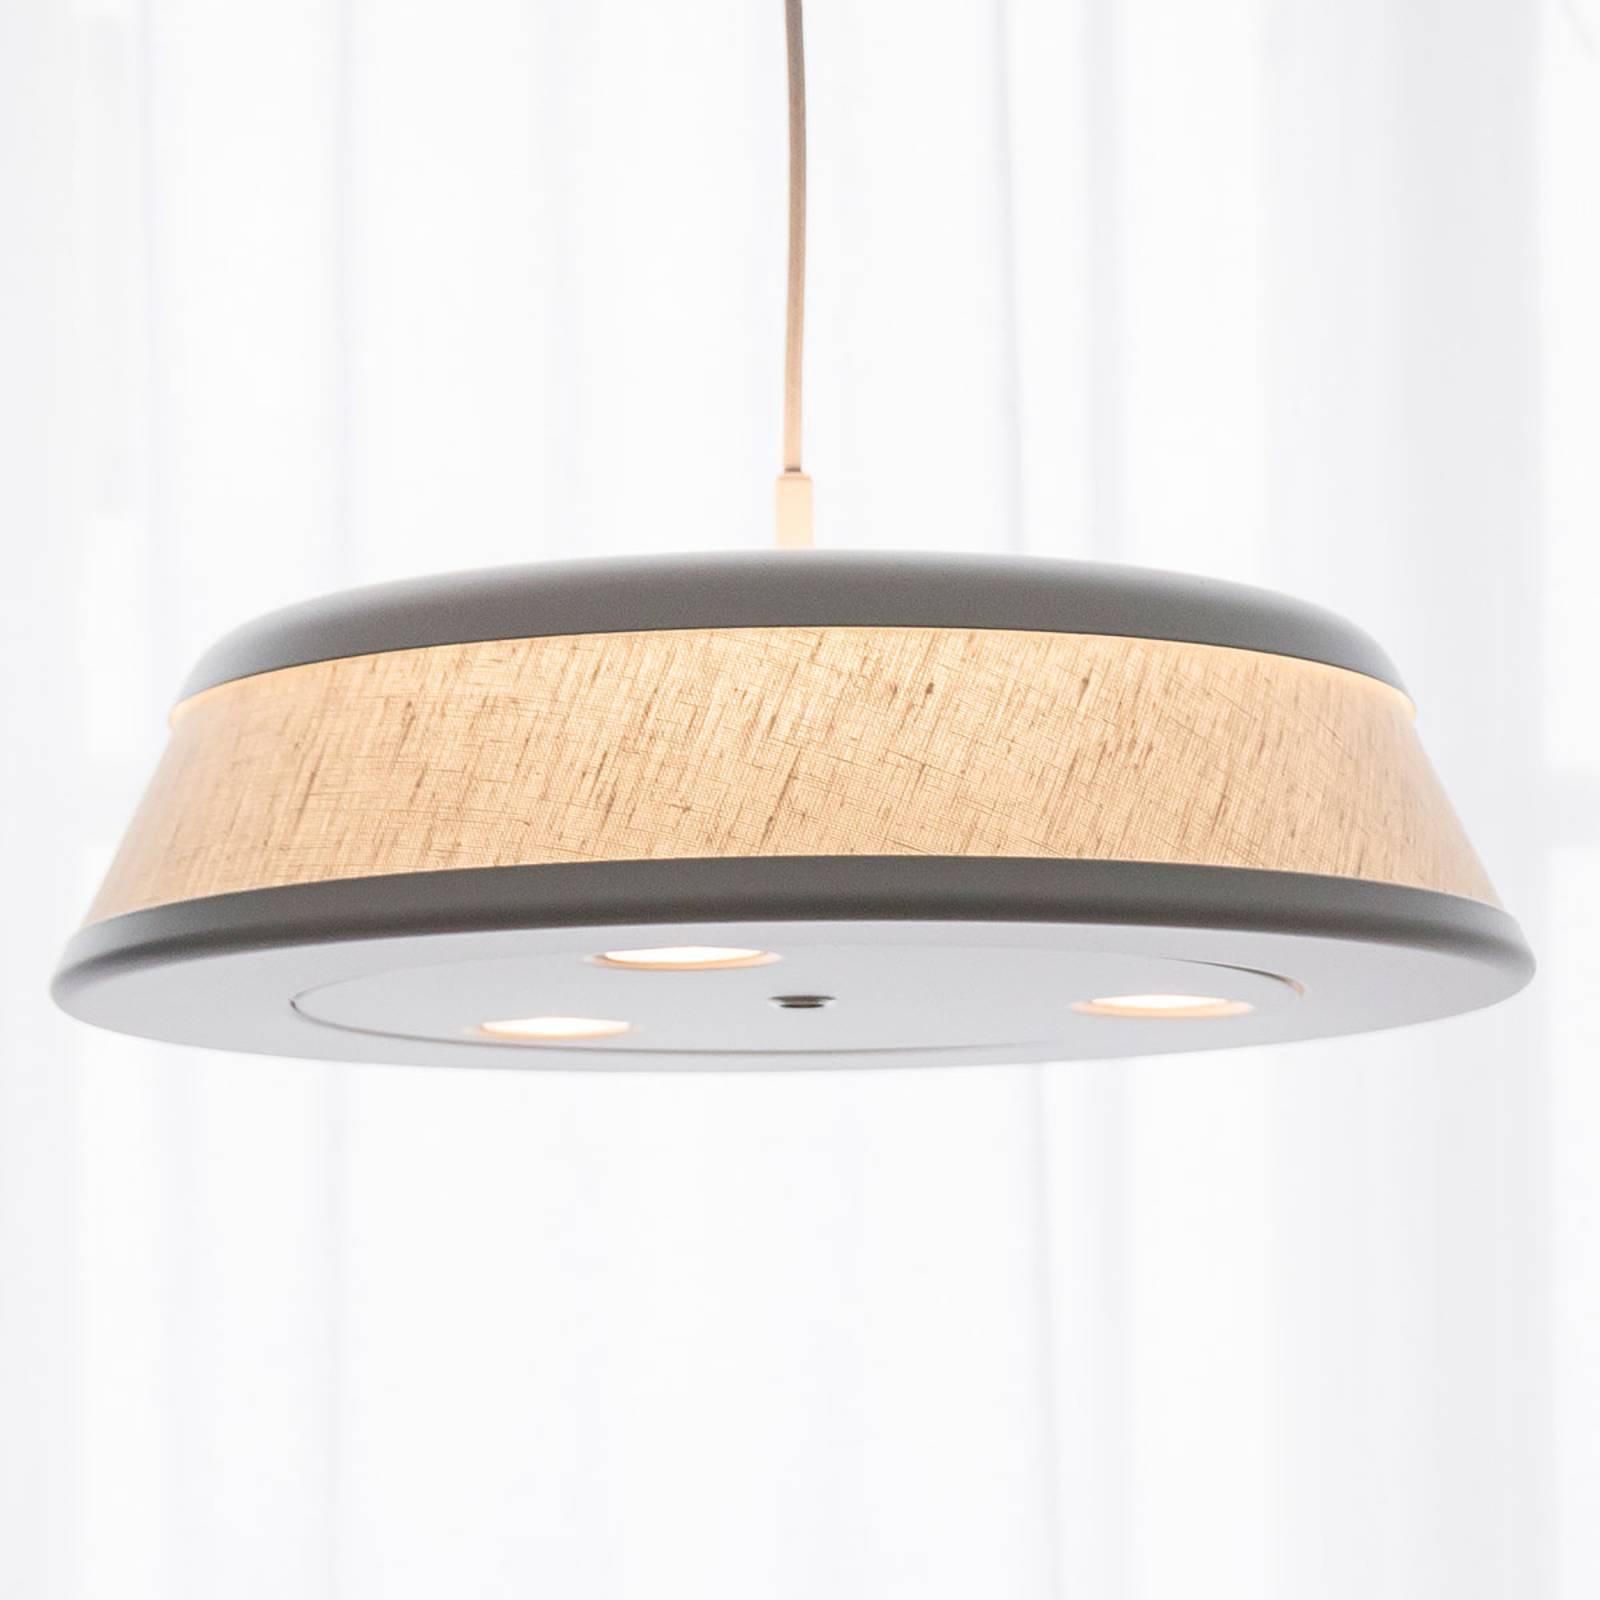 Vigo-LED-riippuvalaisin - Casambi, hopea/valkoinen